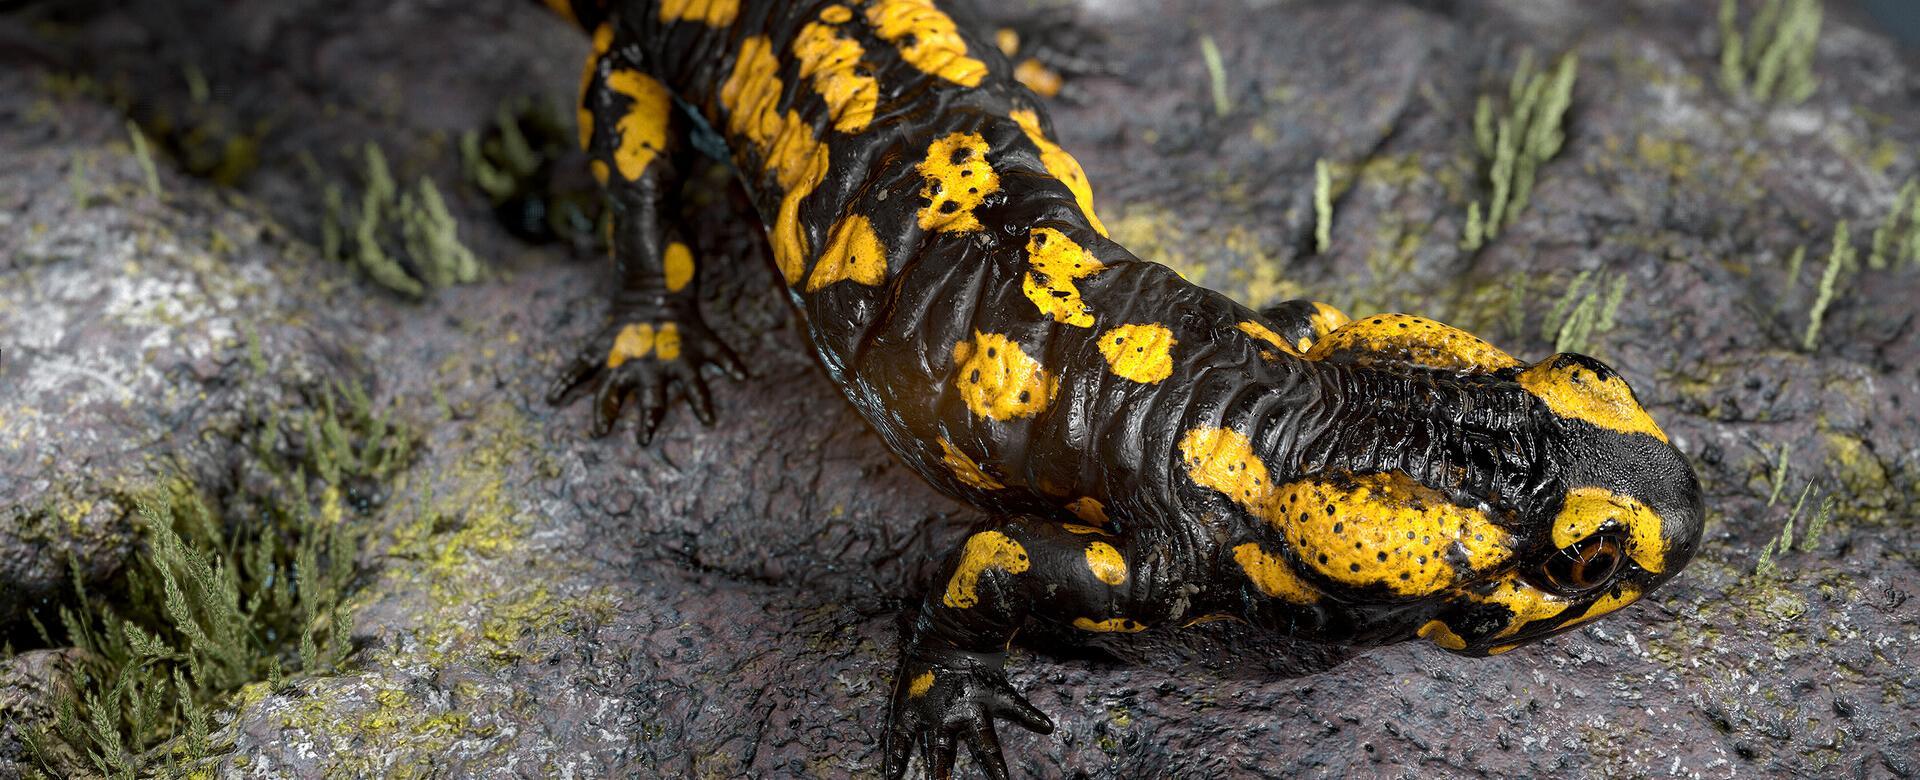 Fire Salamander by Todor Kolev